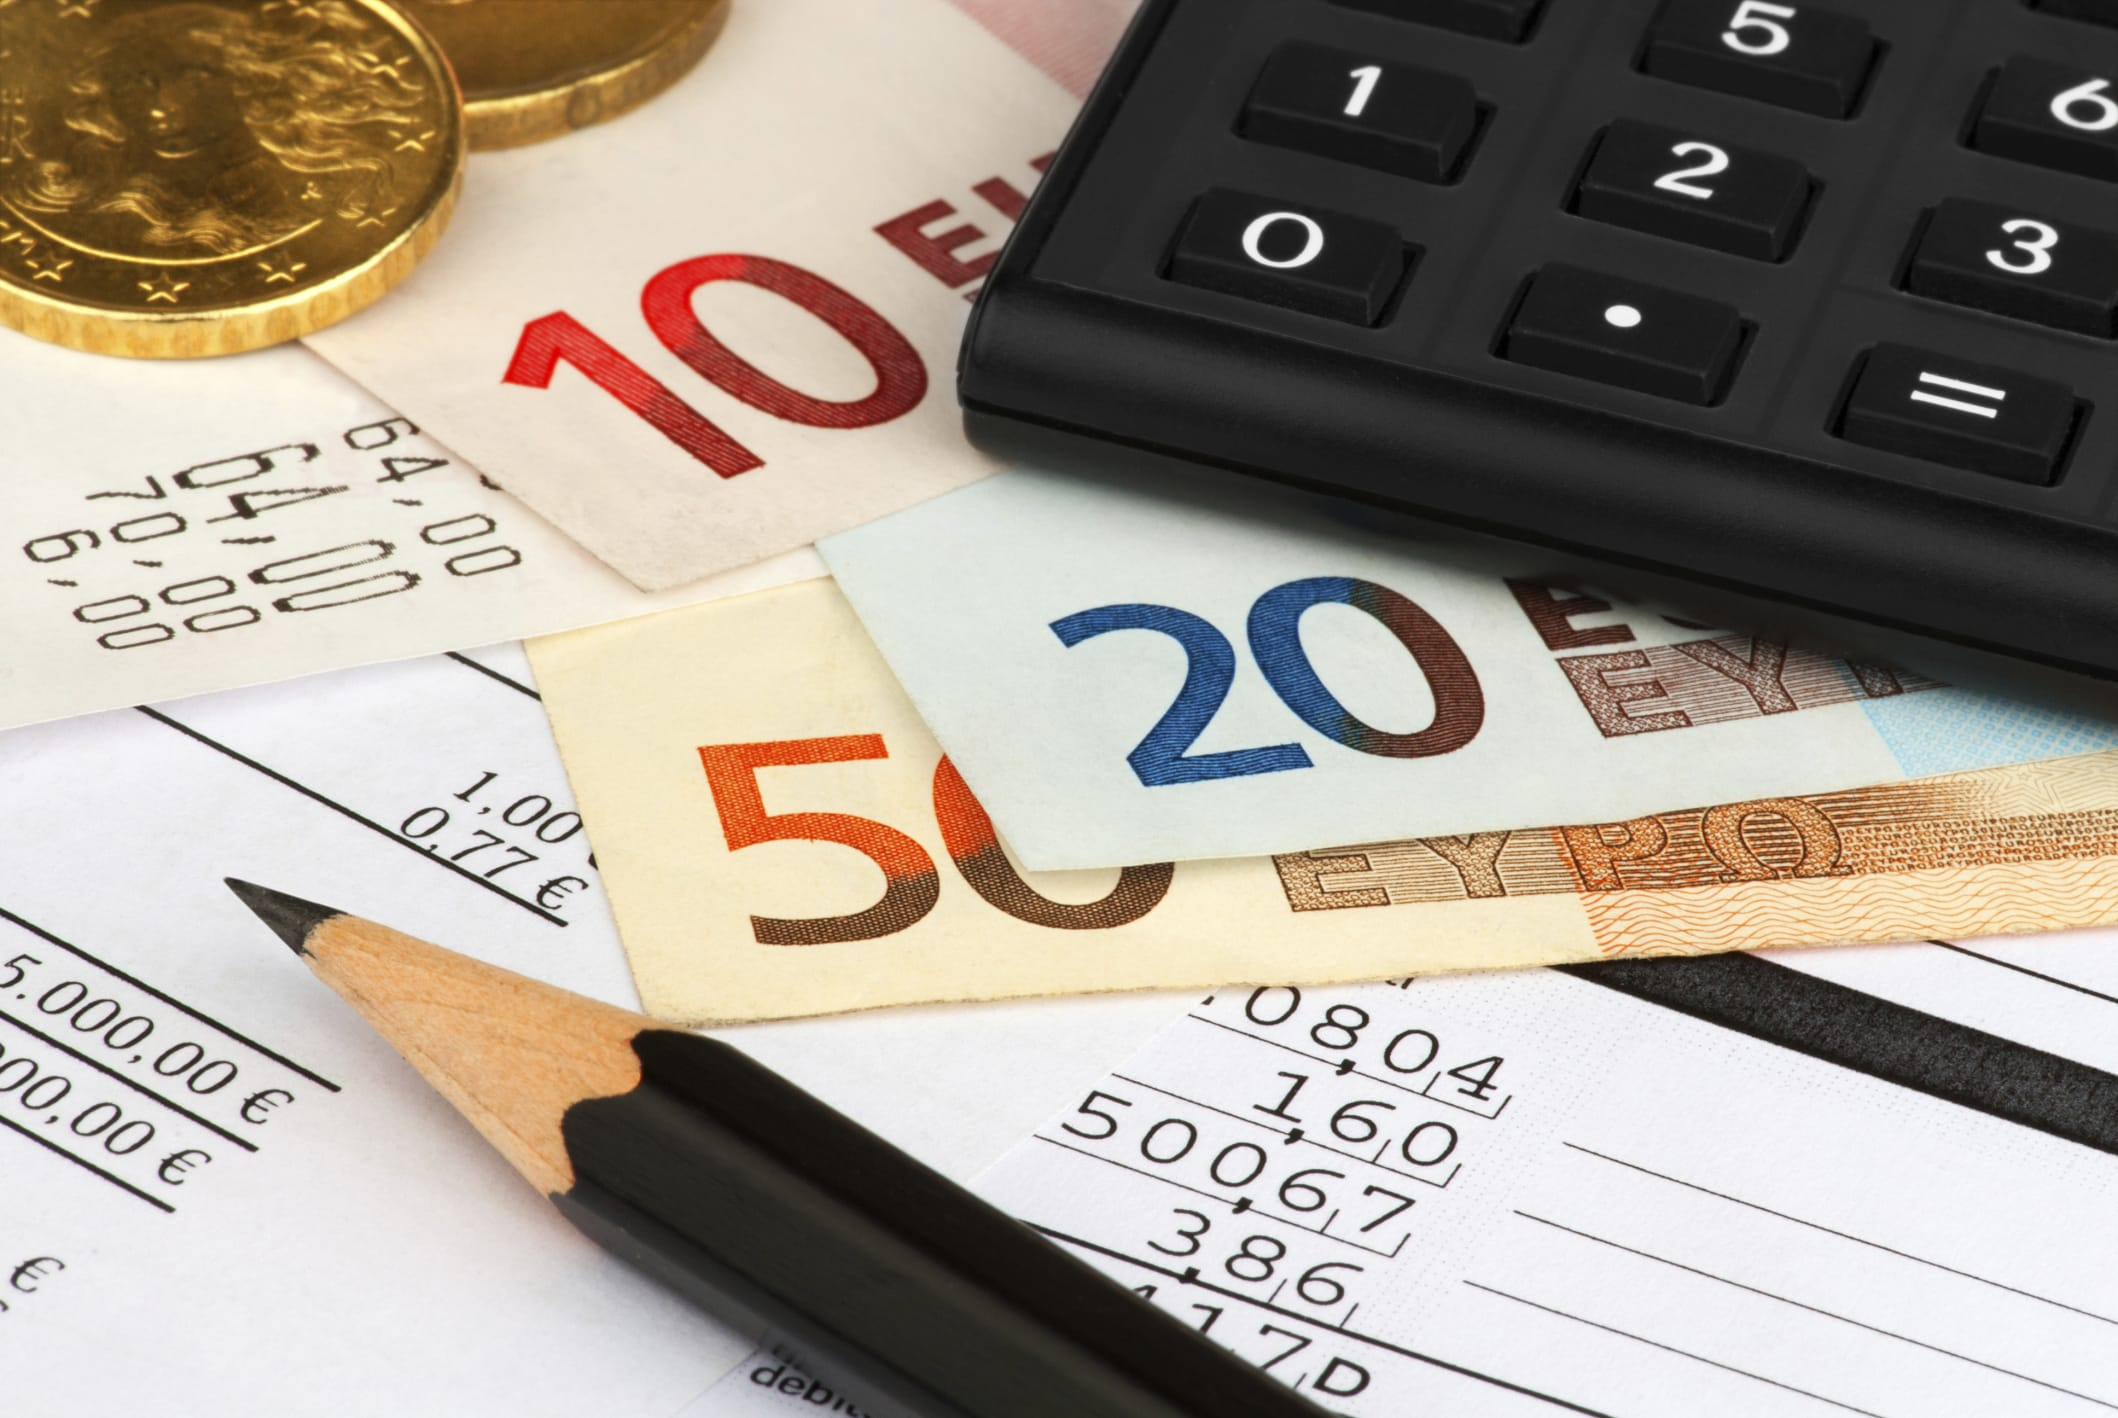 Come risparmiare sui costi del conto corrente: basta scegliere quello online